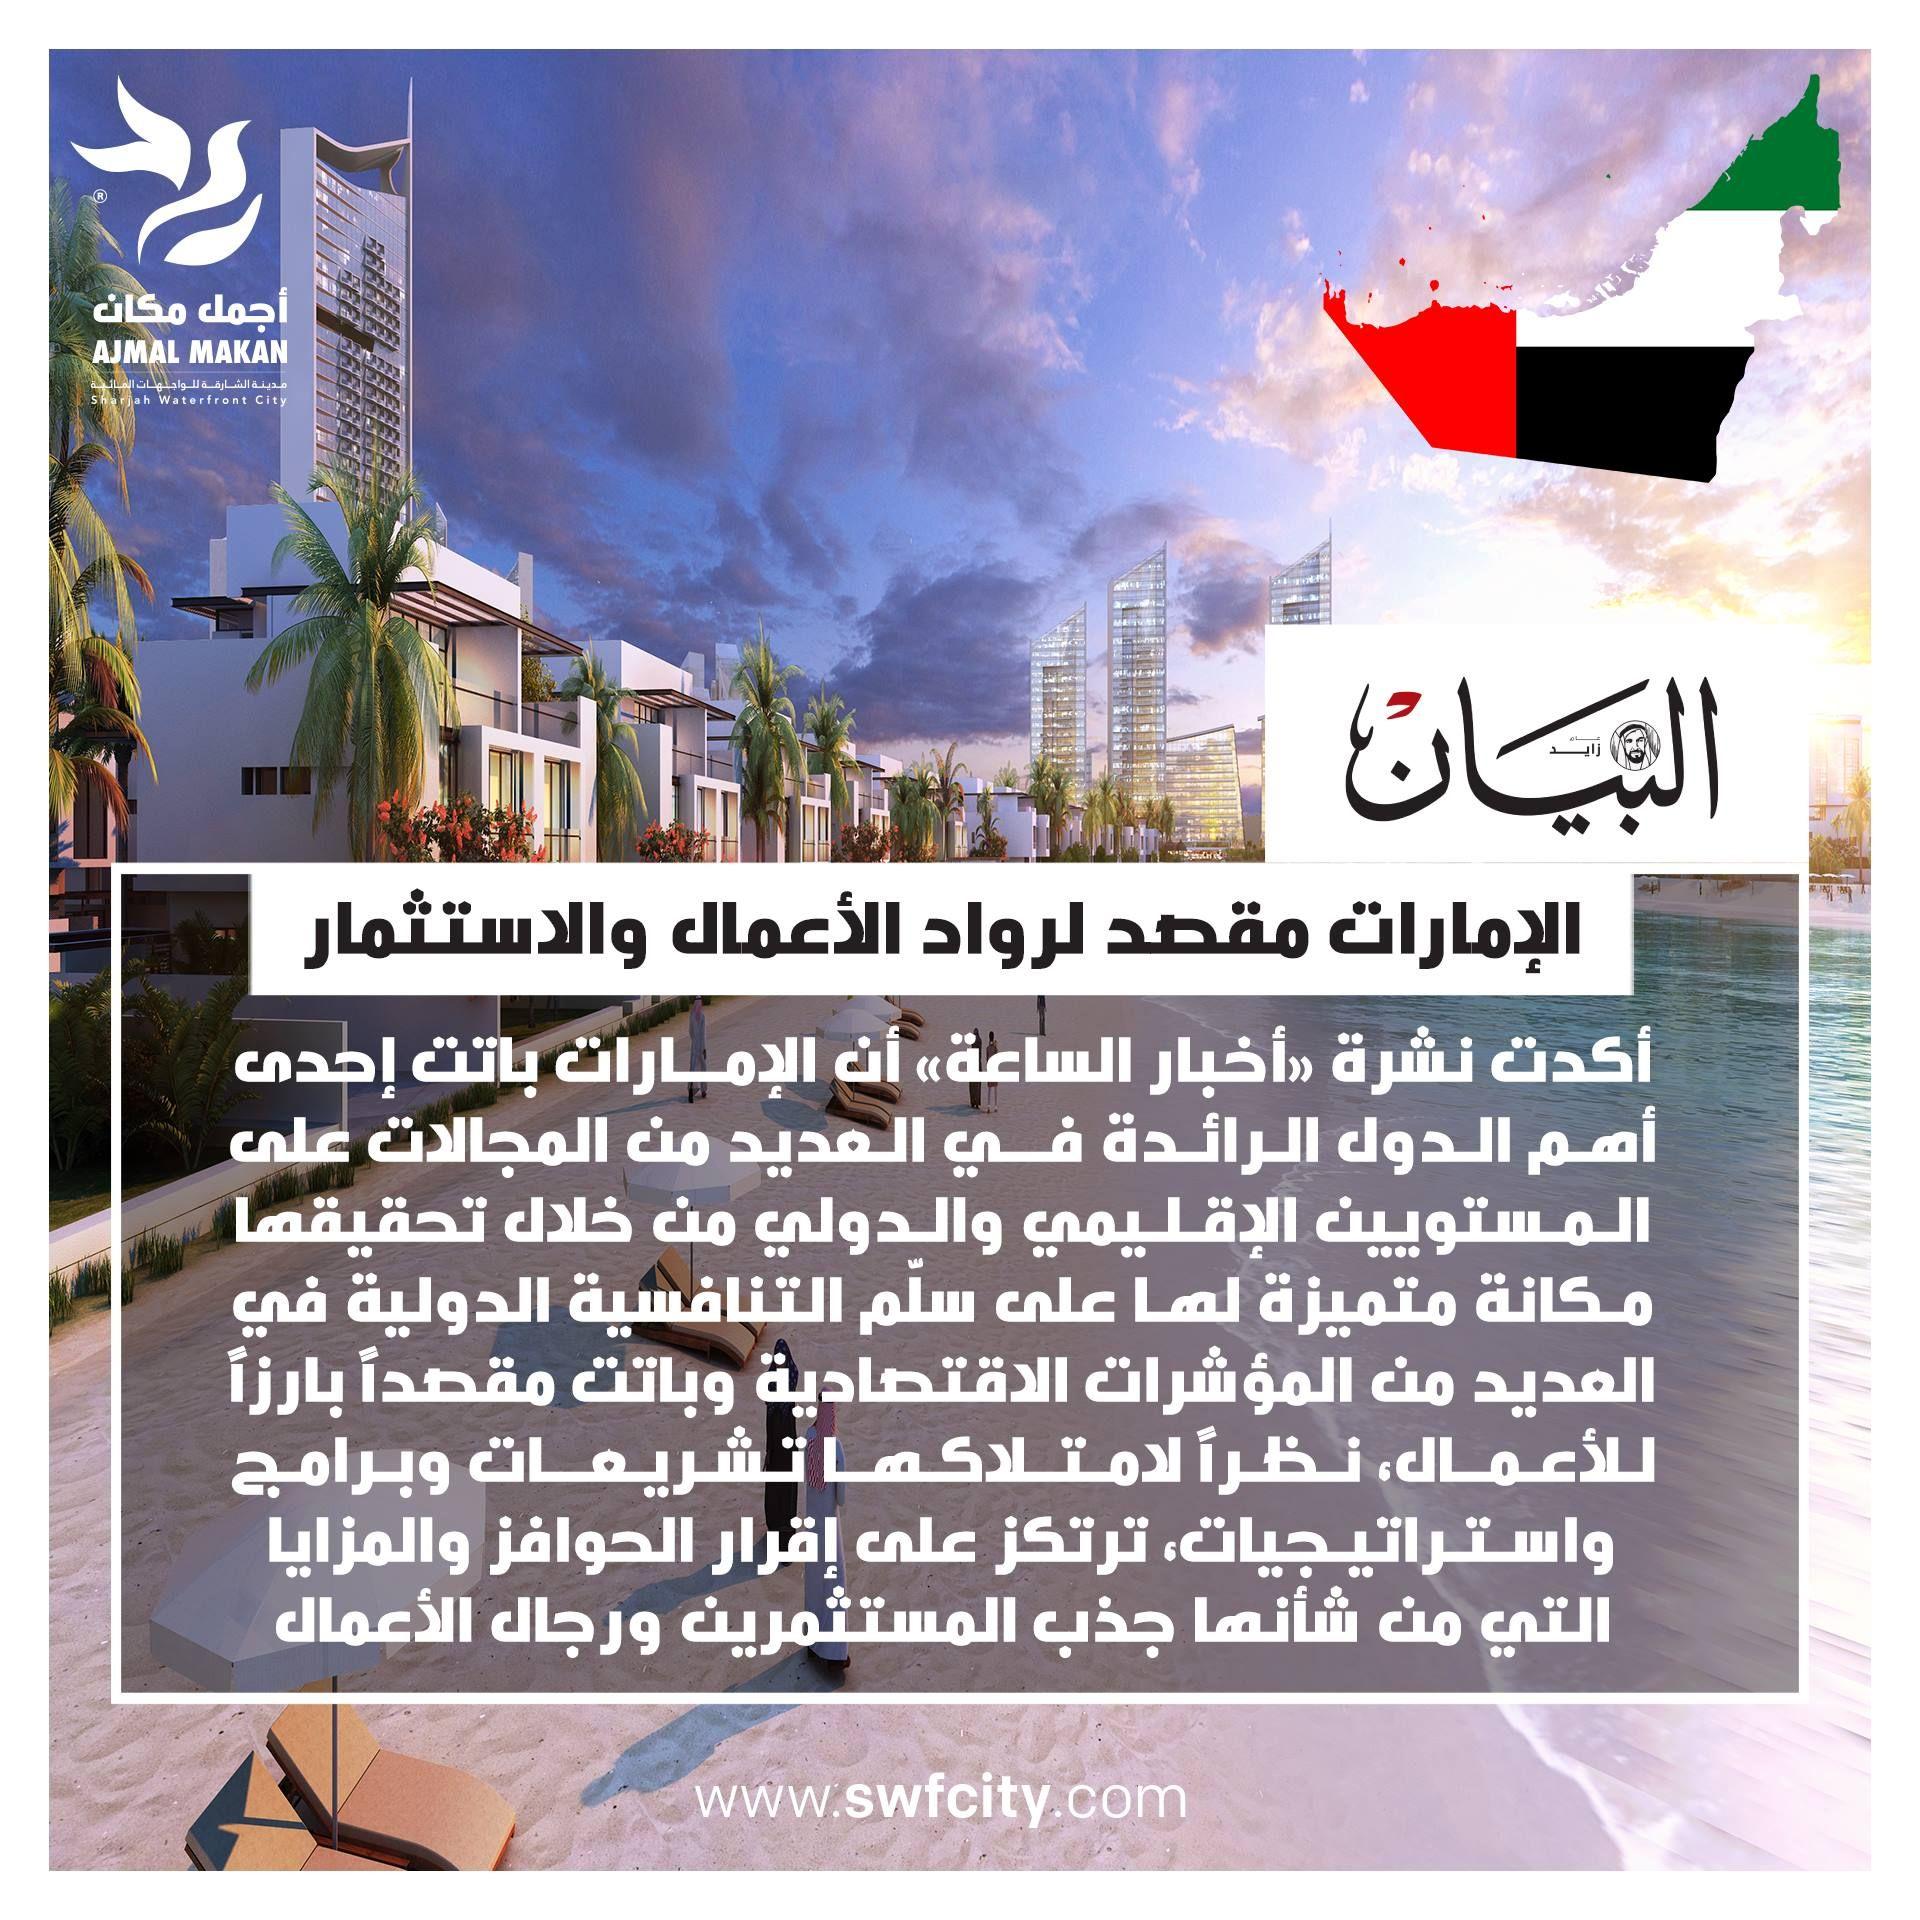 البيان الإمارات مقصد لرواد الأعمال والاستثمار البيان اجمل مكان الشارقة الامارات Lol Playbill Screenshots